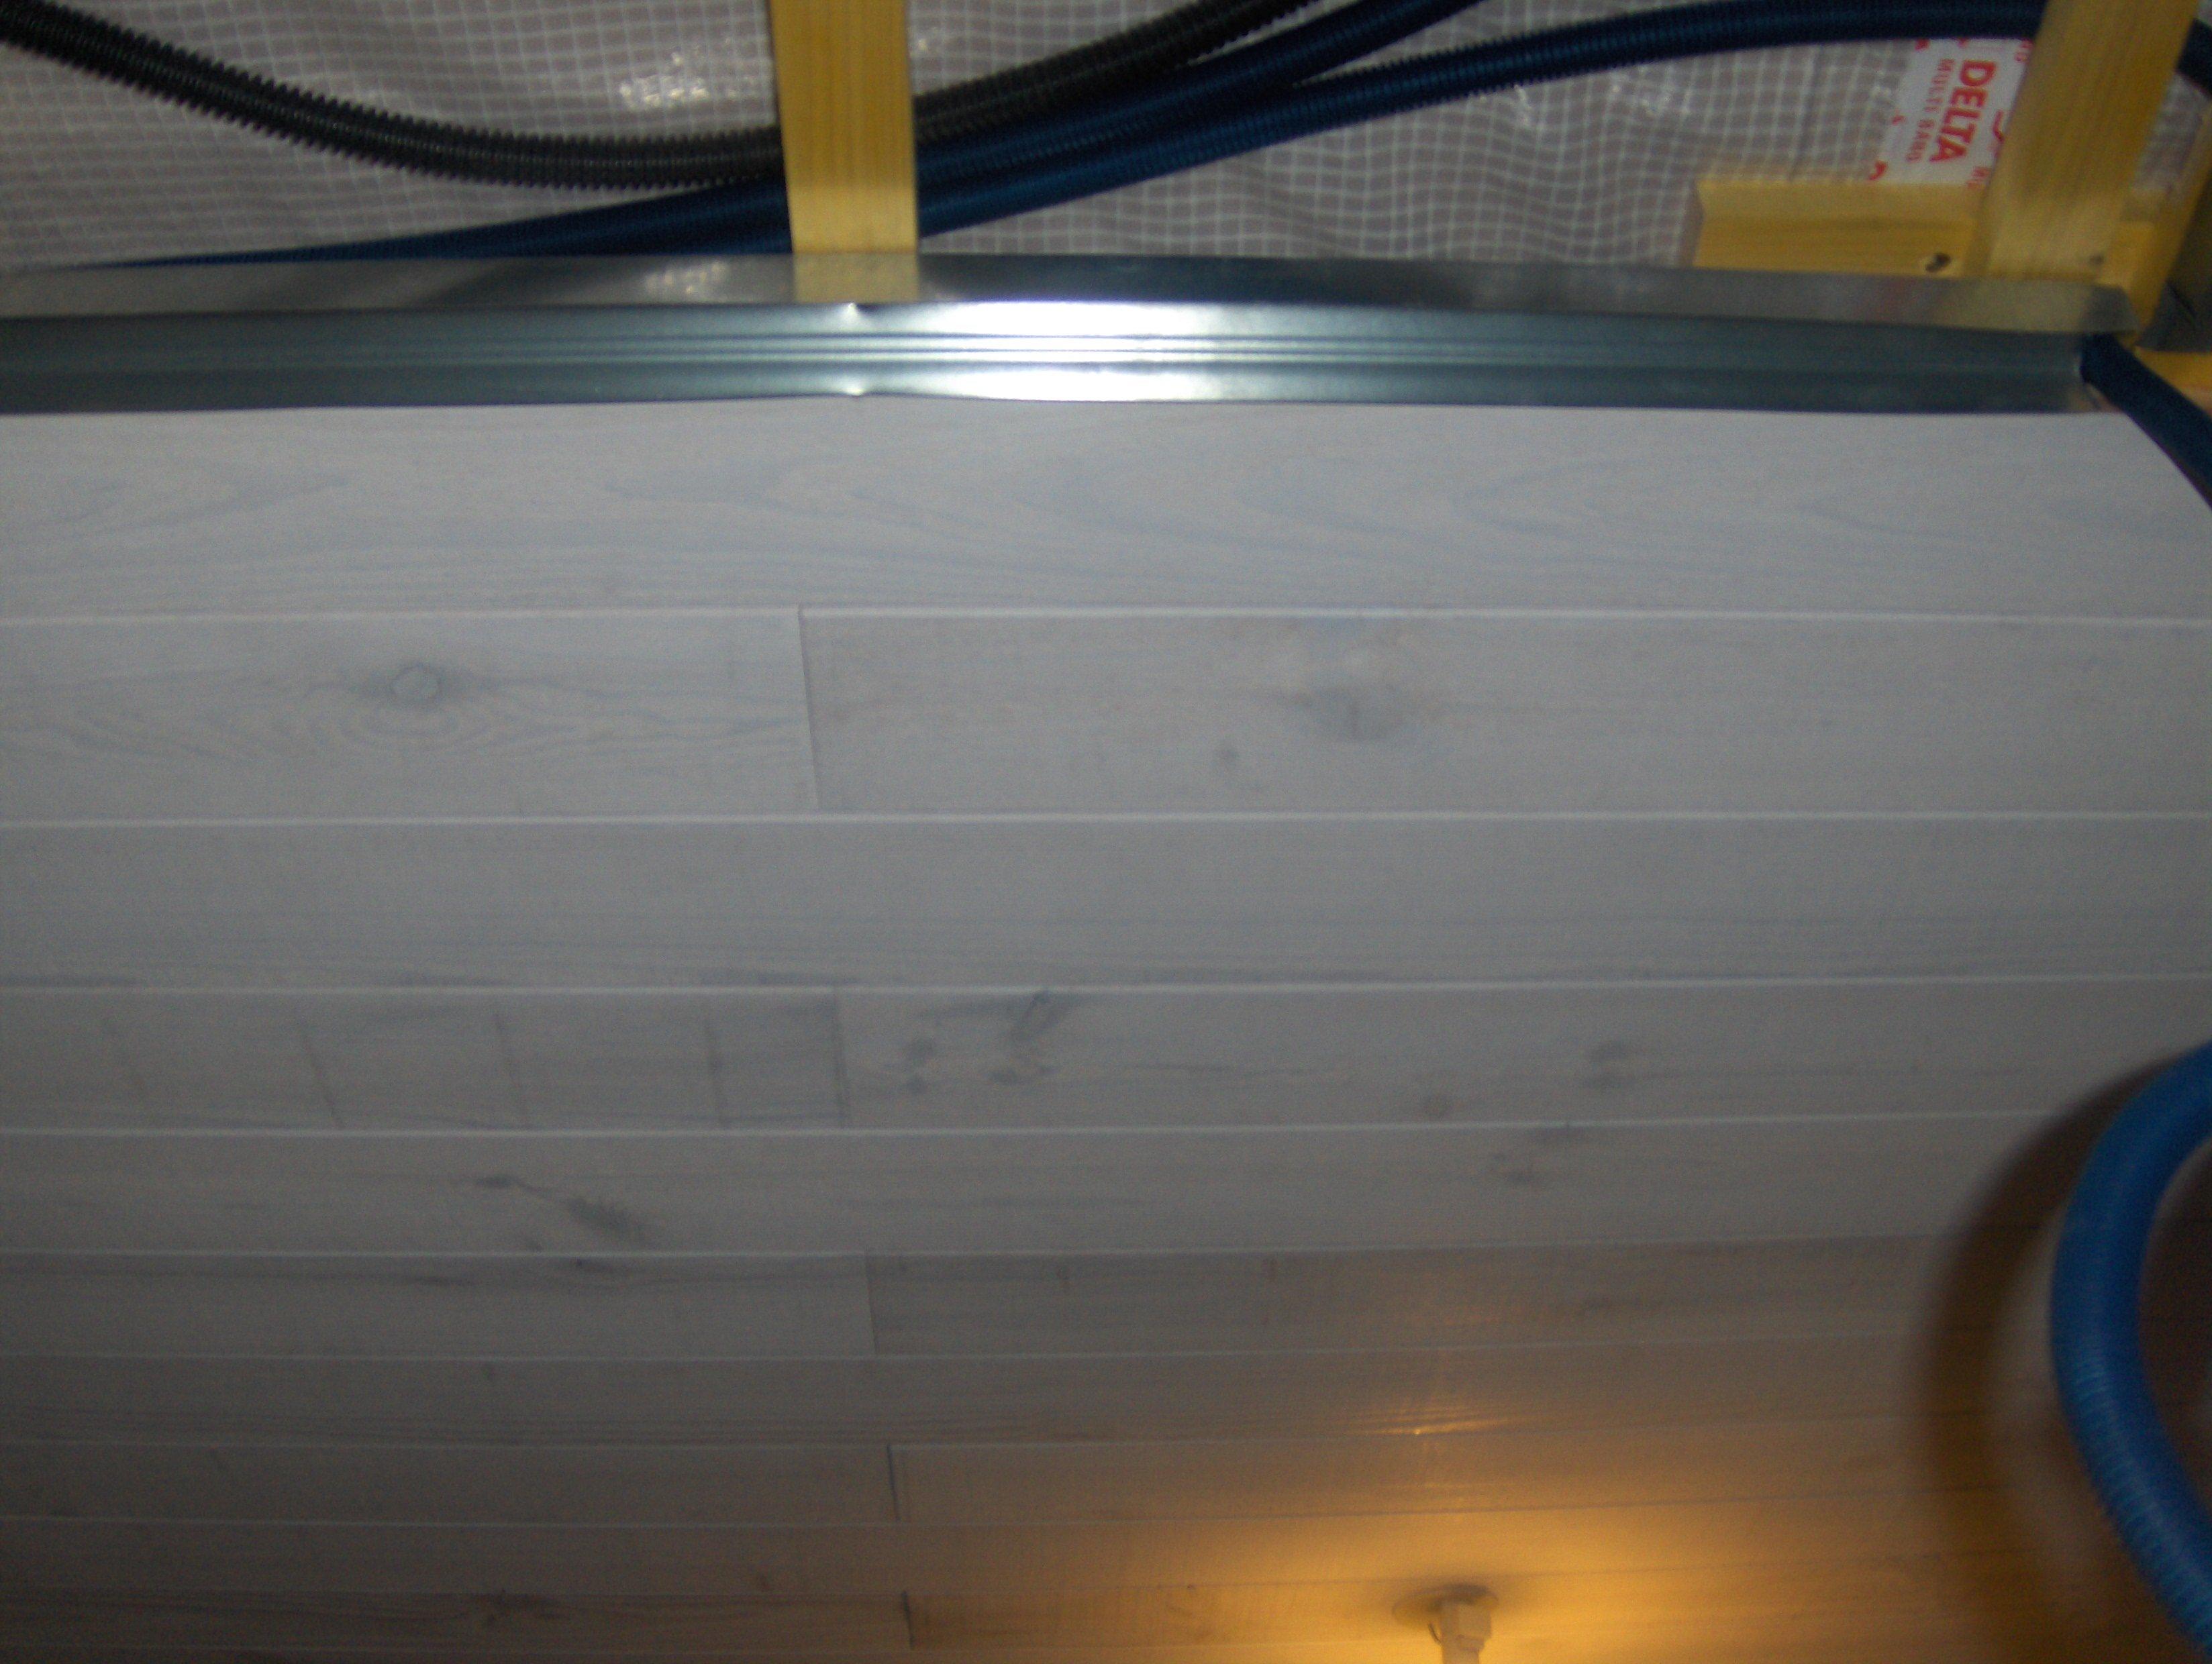 comment poser faux plafond lambris bois travaux de renovation pas cher tourcoing entreprise jhvqzf. Black Bedroom Furniture Sets. Home Design Ideas